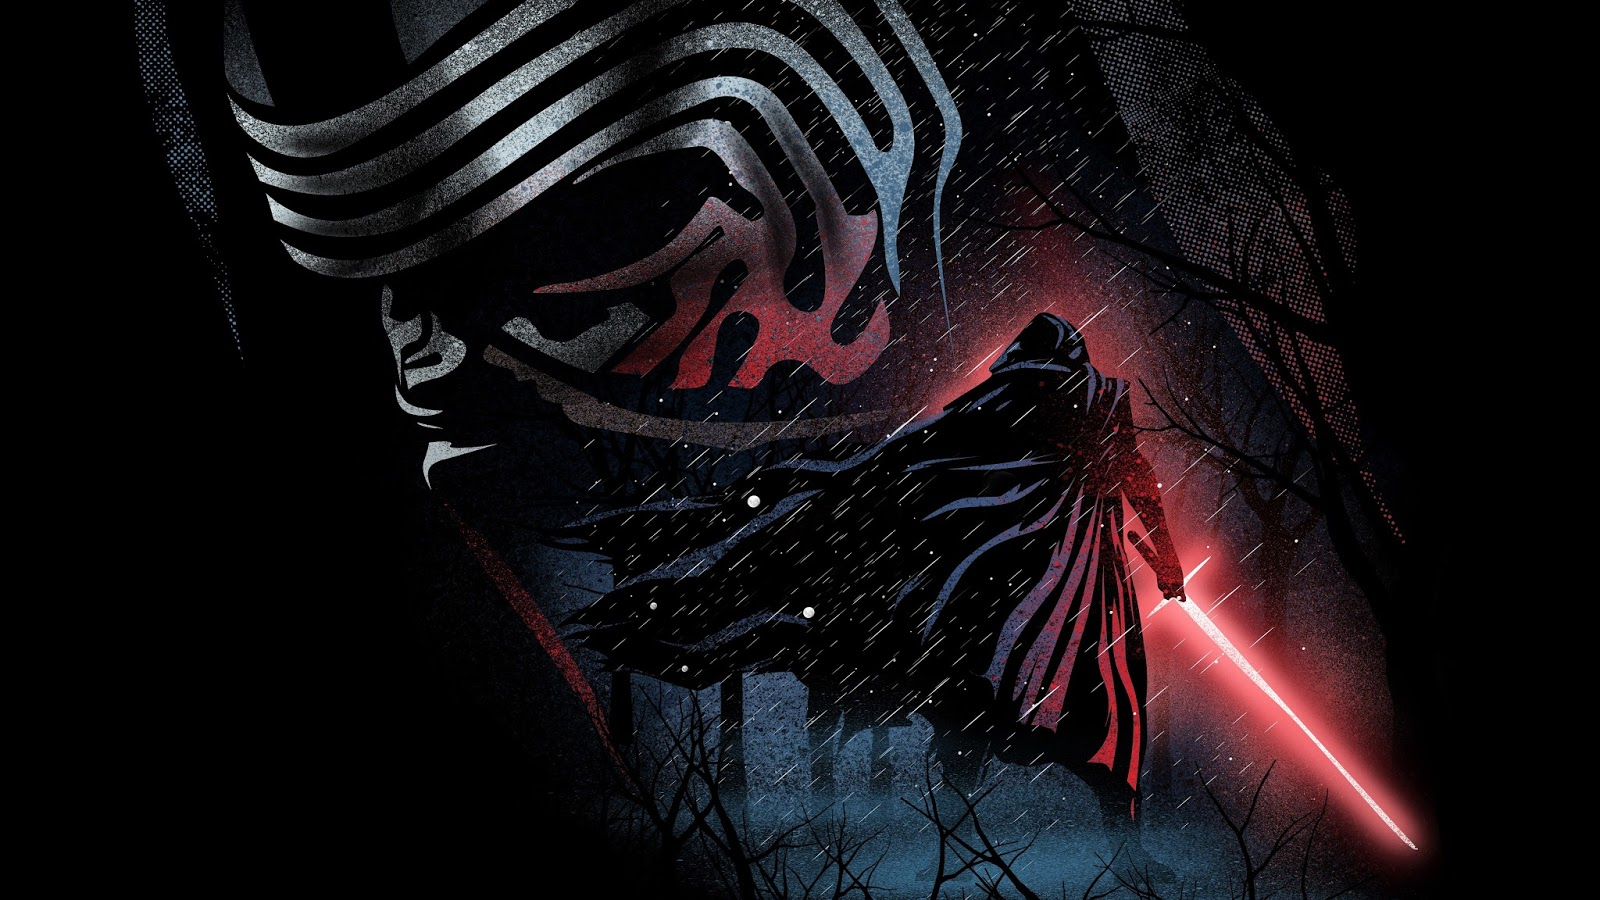 Killzone Shadow Fall Wallpaper Wallpapers Hd Kylo Ren Star Wars Wallpapers Hd Y Full Hd